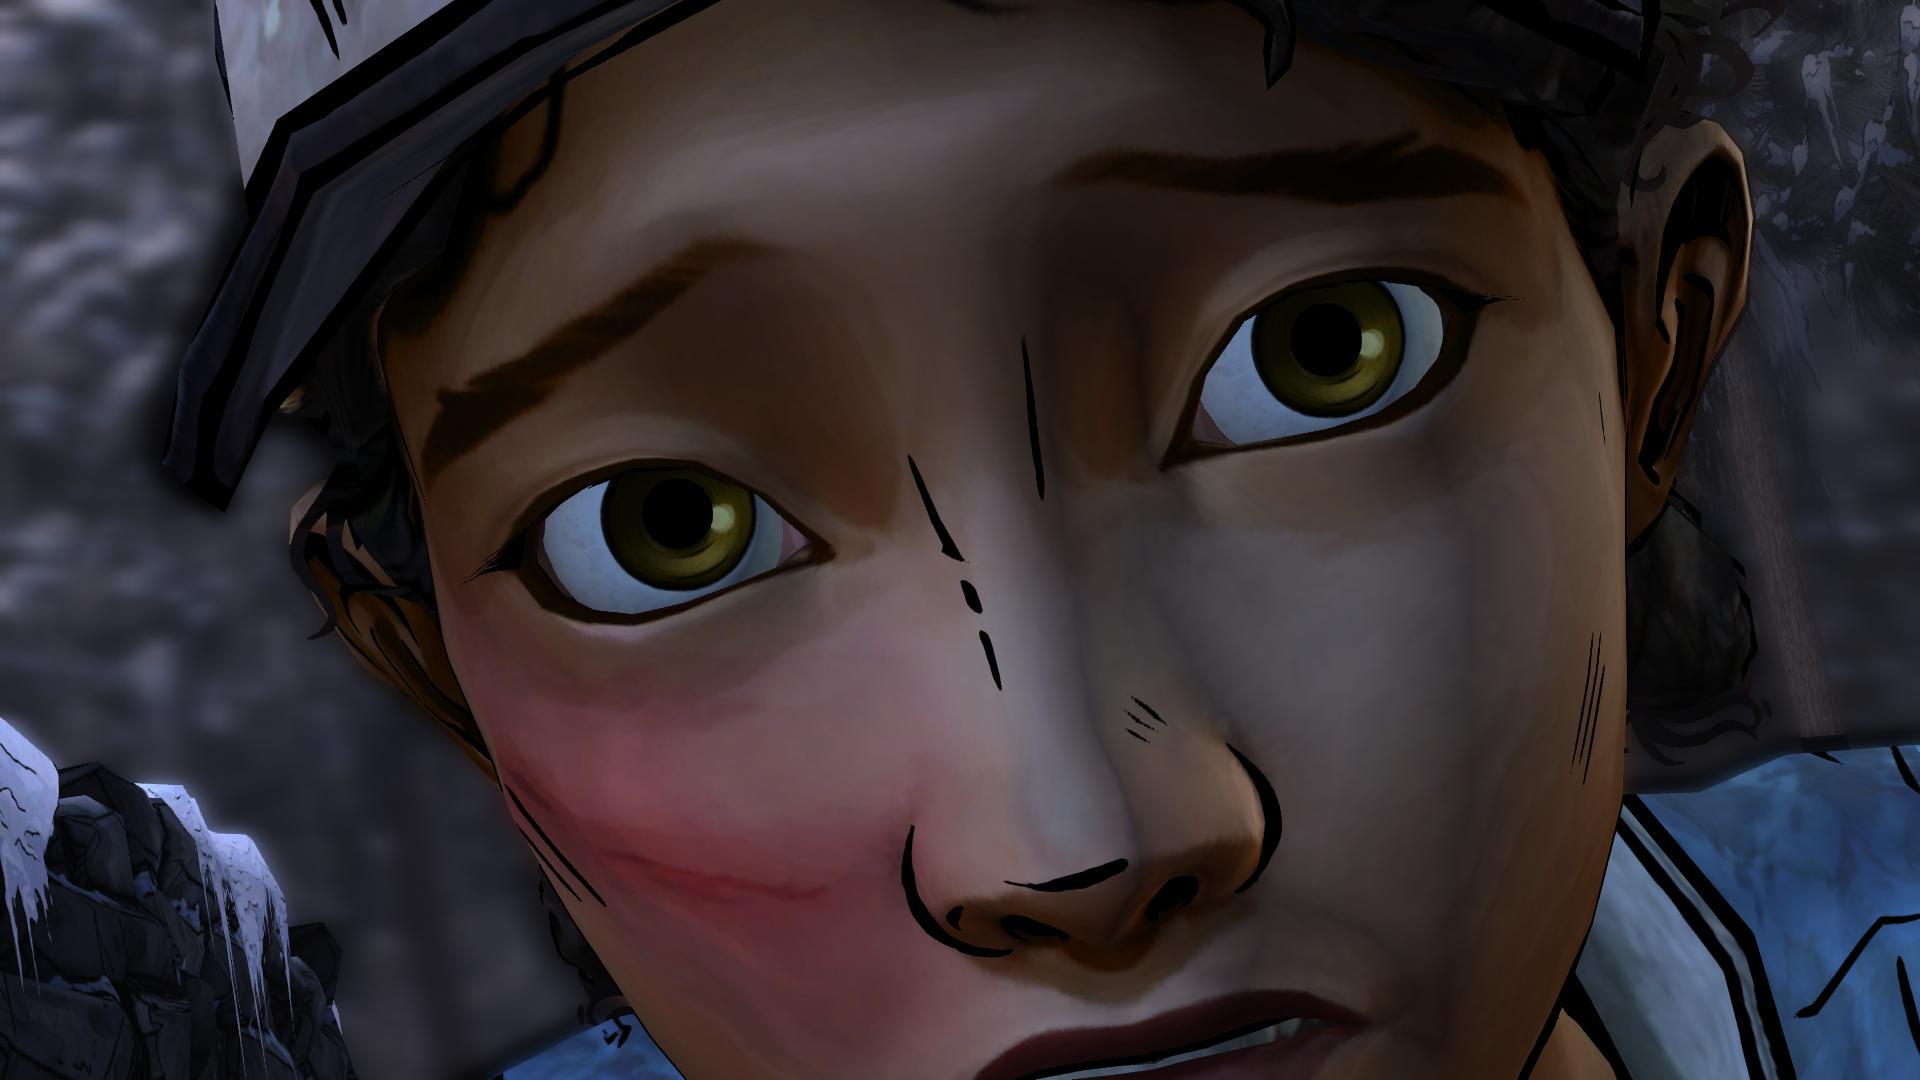 RPGFan Review - The Walking Dead Season 2: Episode 5